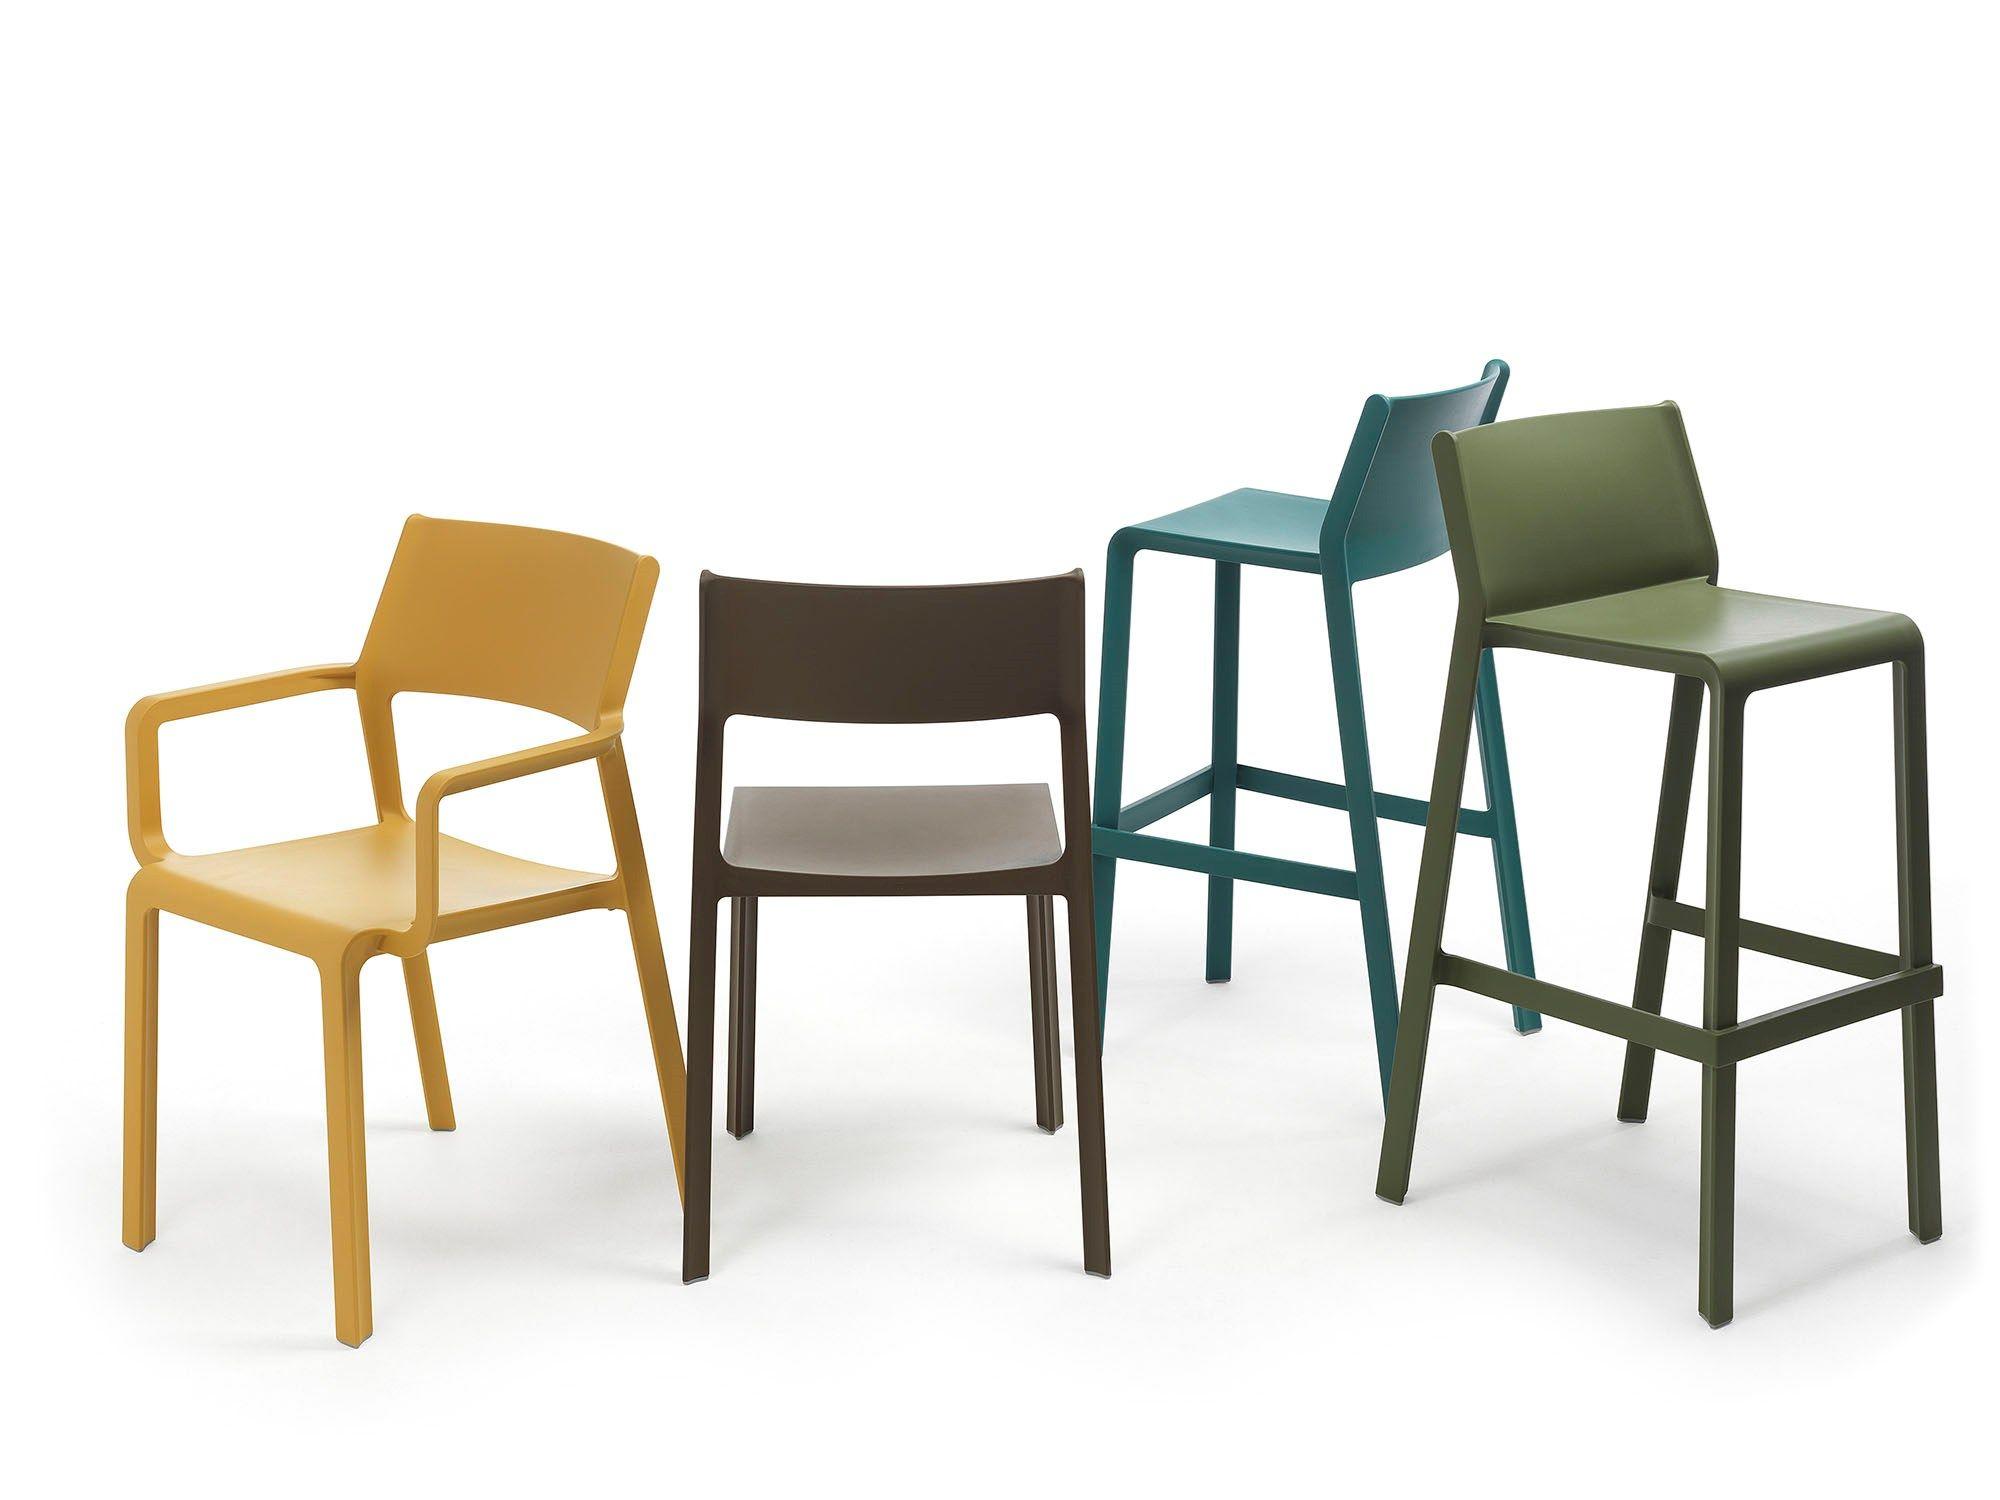 Trill Stool Trill Collection By Nardi Design Raffaello Galiotto